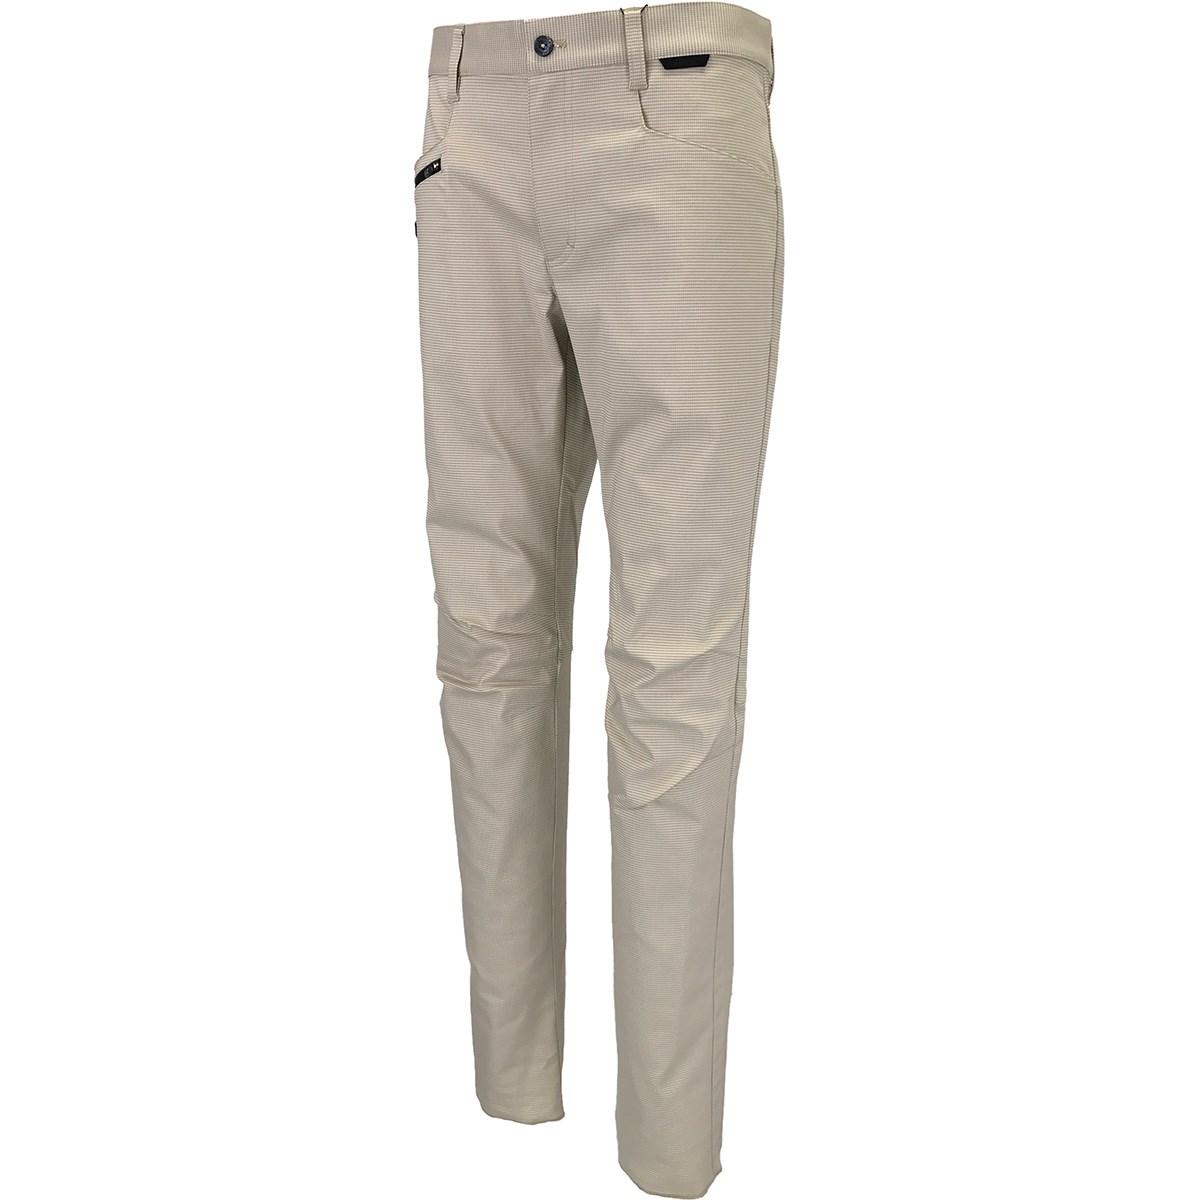 プーマ PUMA 3D 5ポケット パンツ L ホワイトペッパー 04